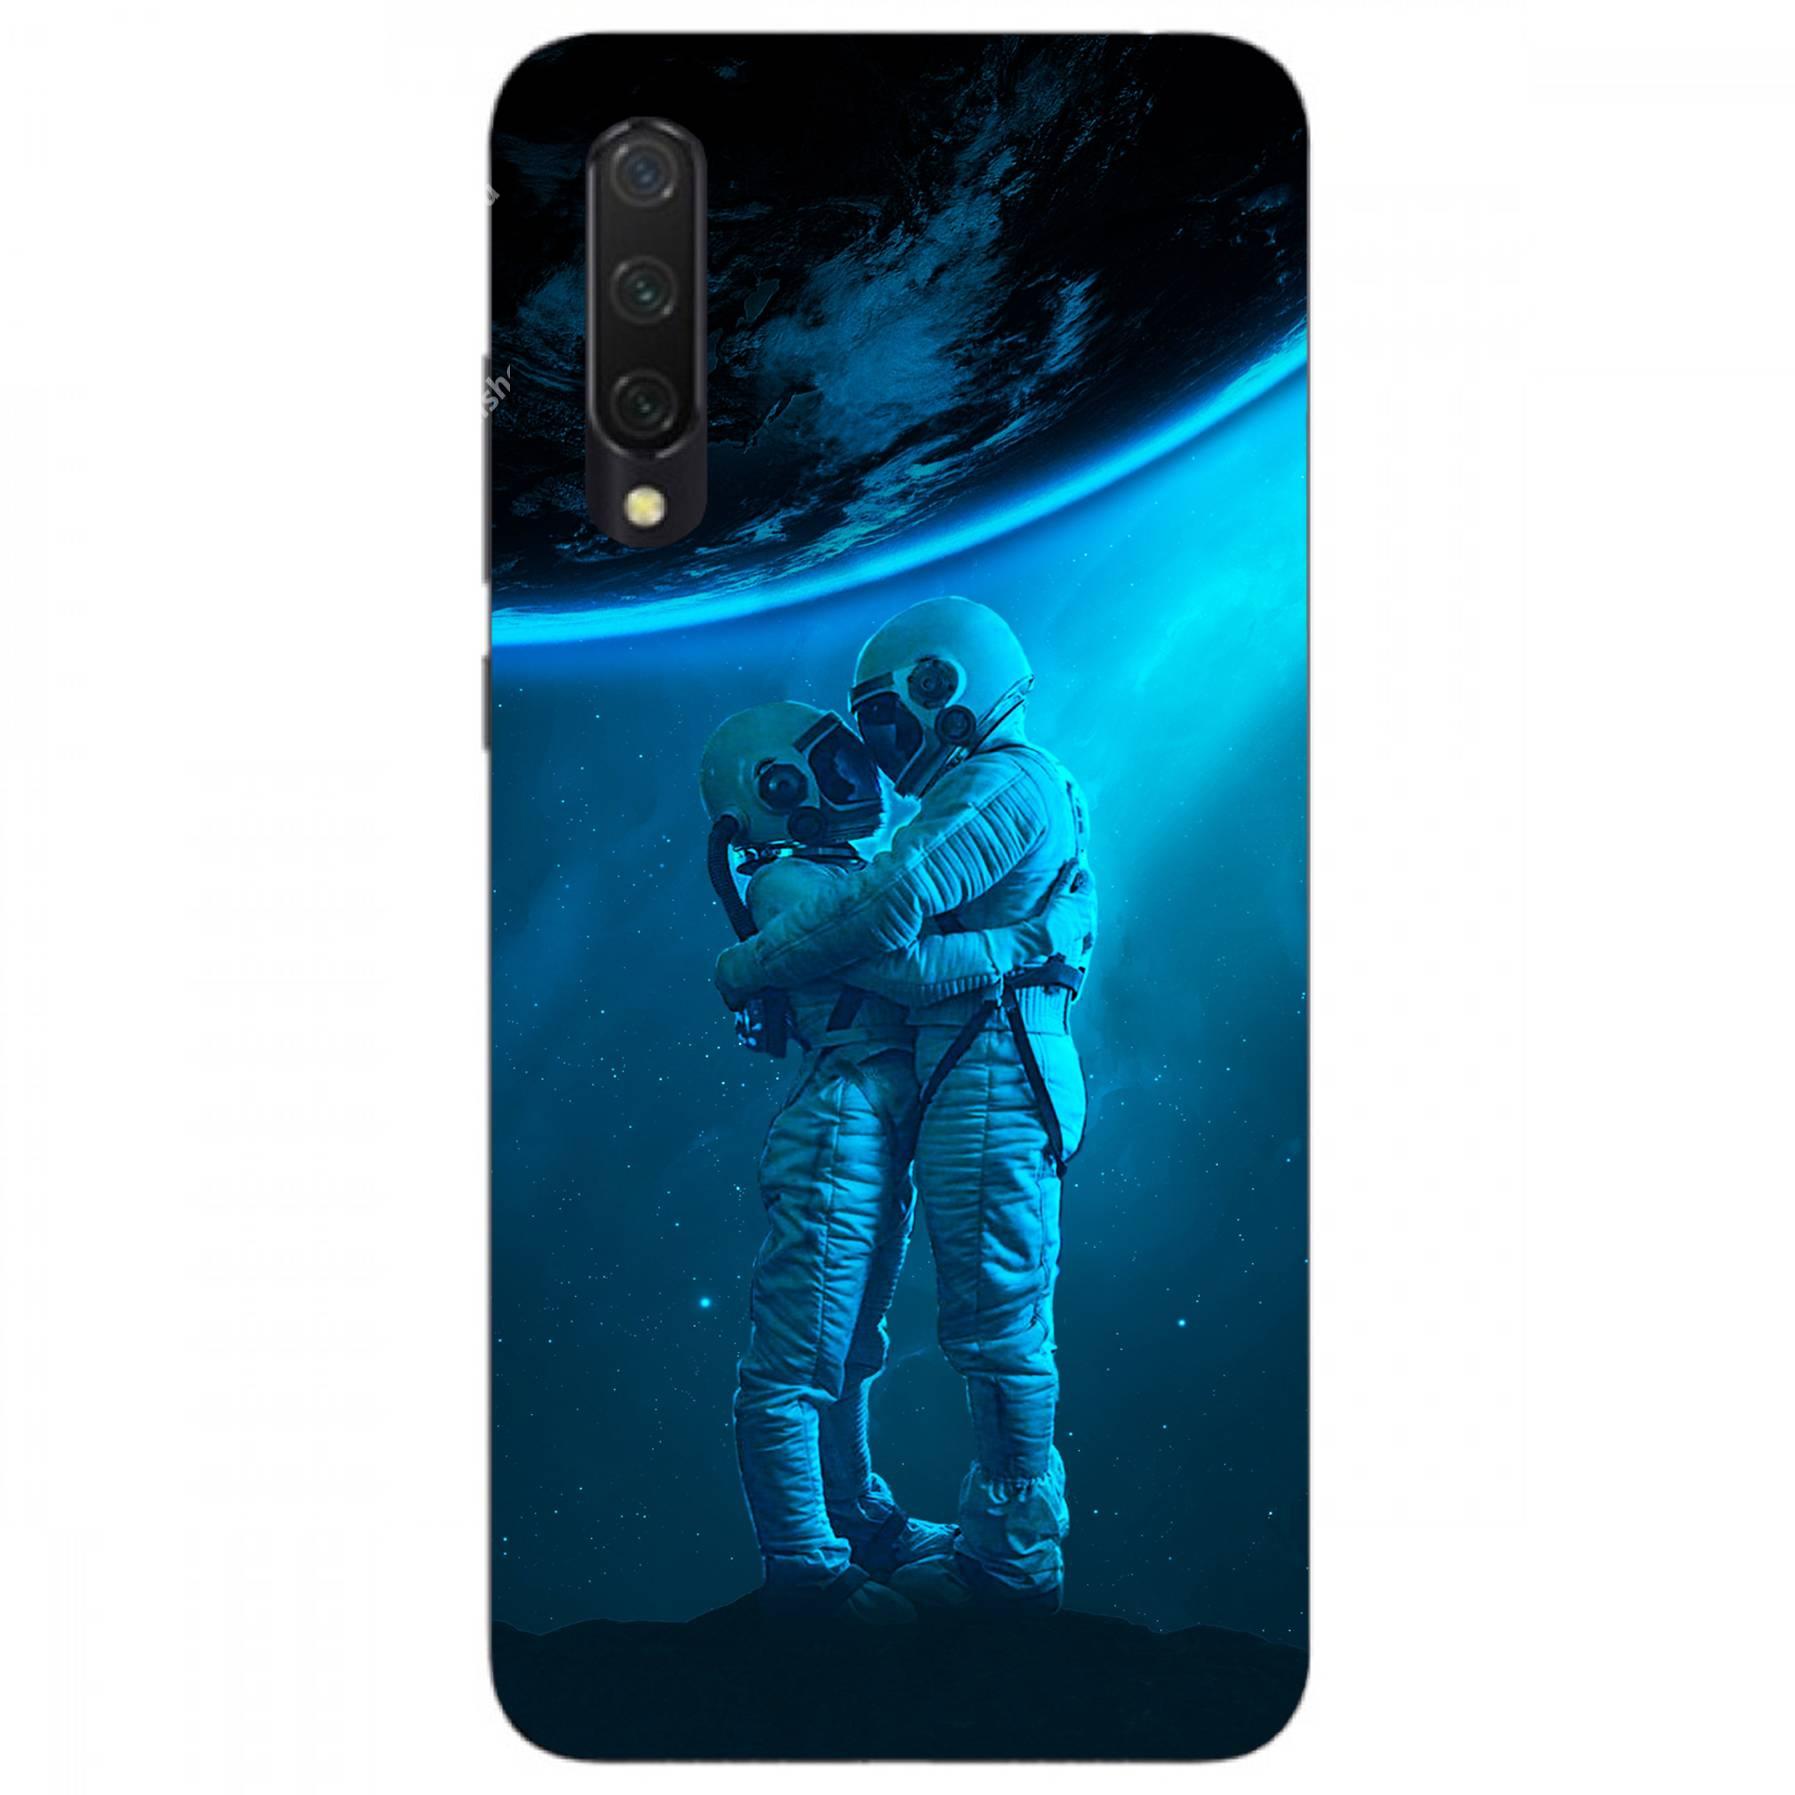 E-pic szilikon védő tok / hátlap - Szerelmes űrhajós pár mintás - Xiaomi Mi 9 Lite